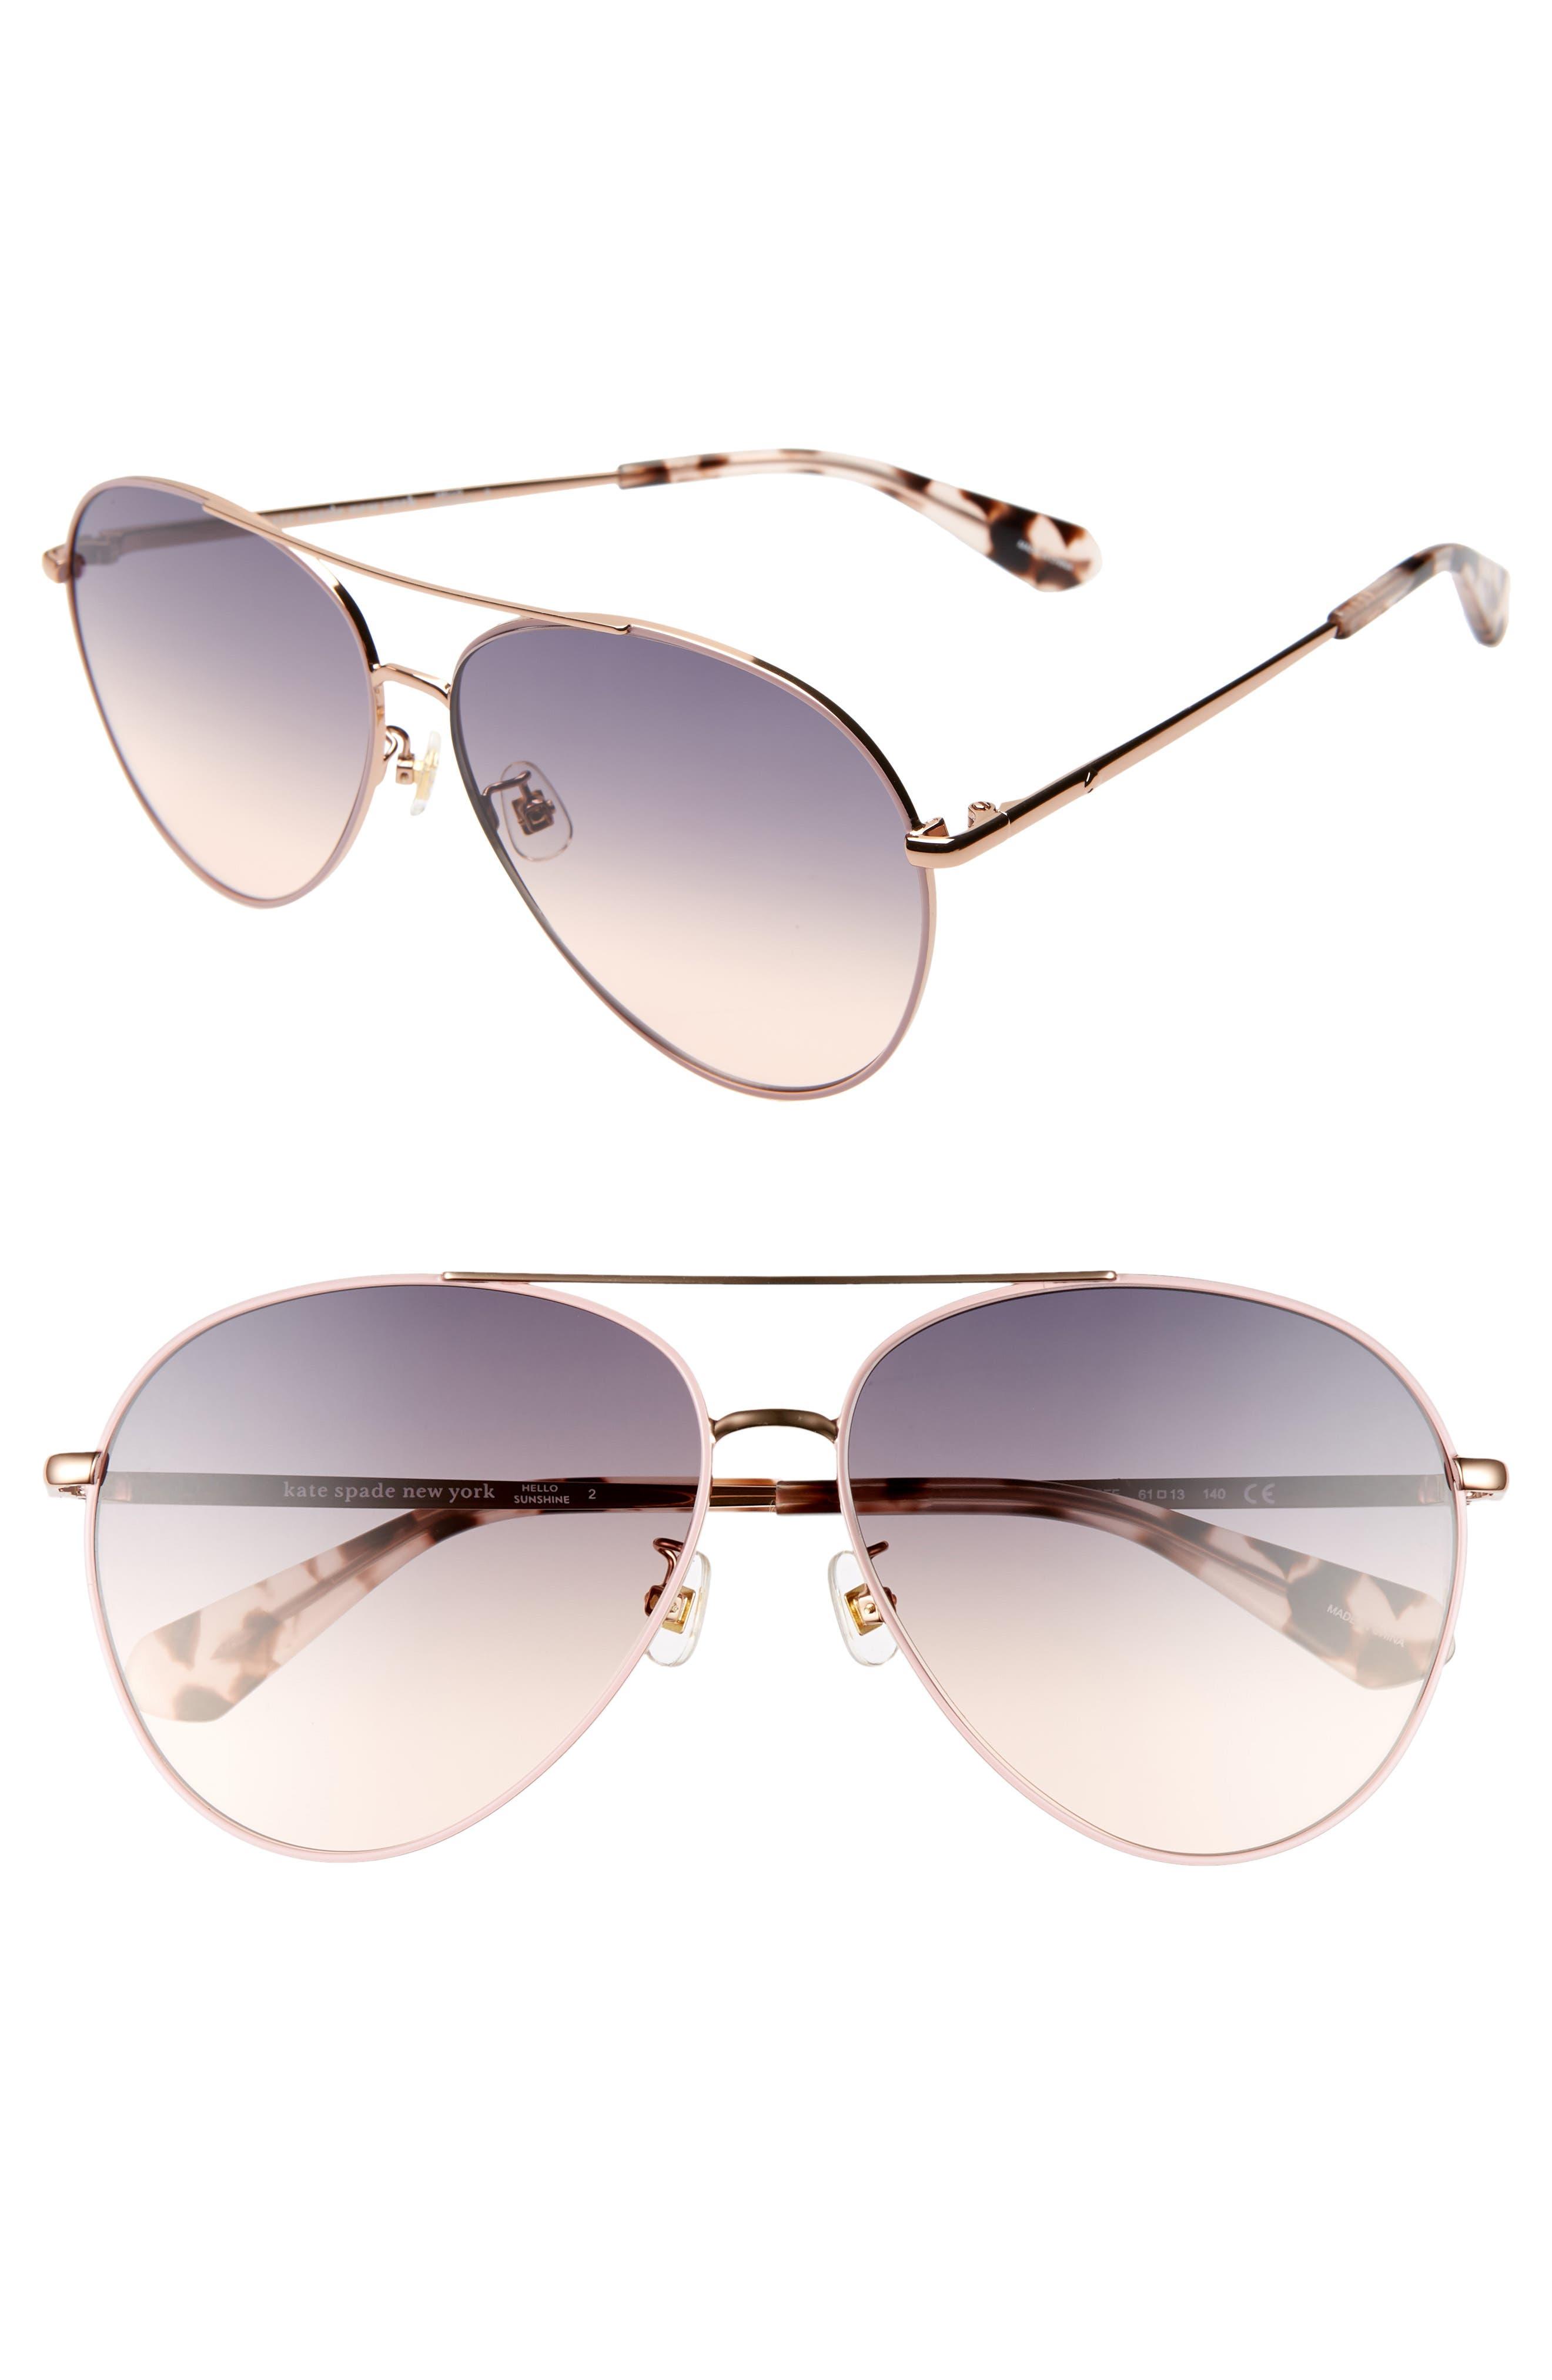 3e988a3d70ef Buy kate spade new york sunglasses & eyewear for women - Best women's kate  spade new york sunglasses & eyewear shop - Cools.com